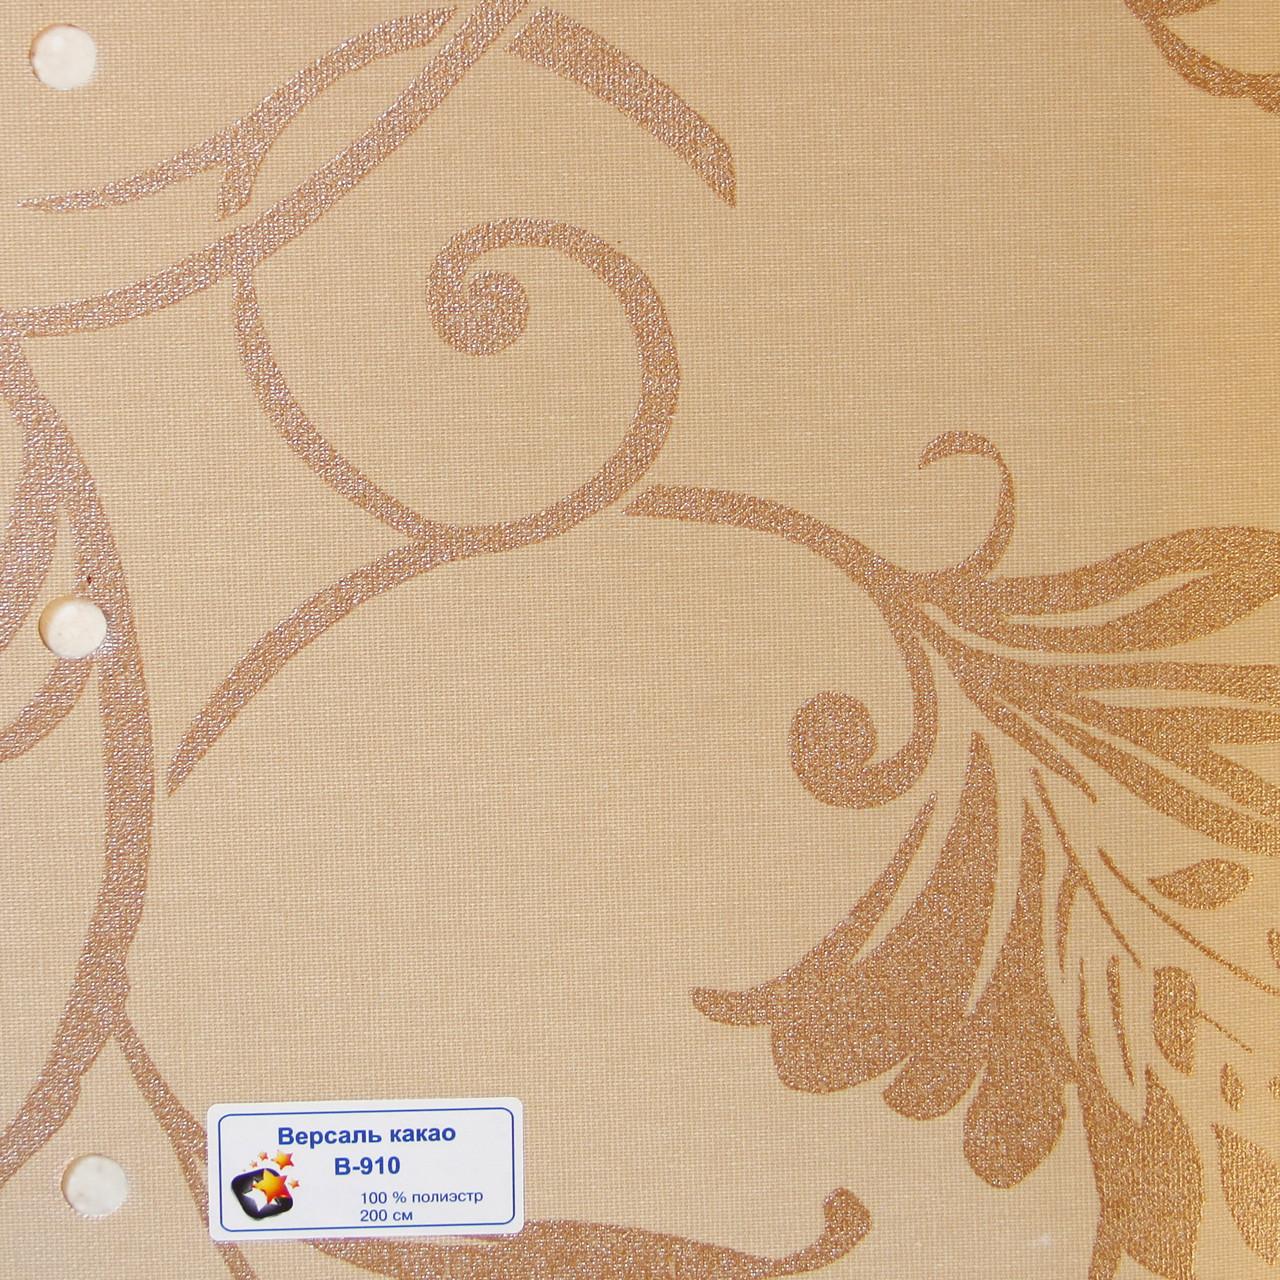 Рулонные шторы Одесса Ткань Версаль Какао